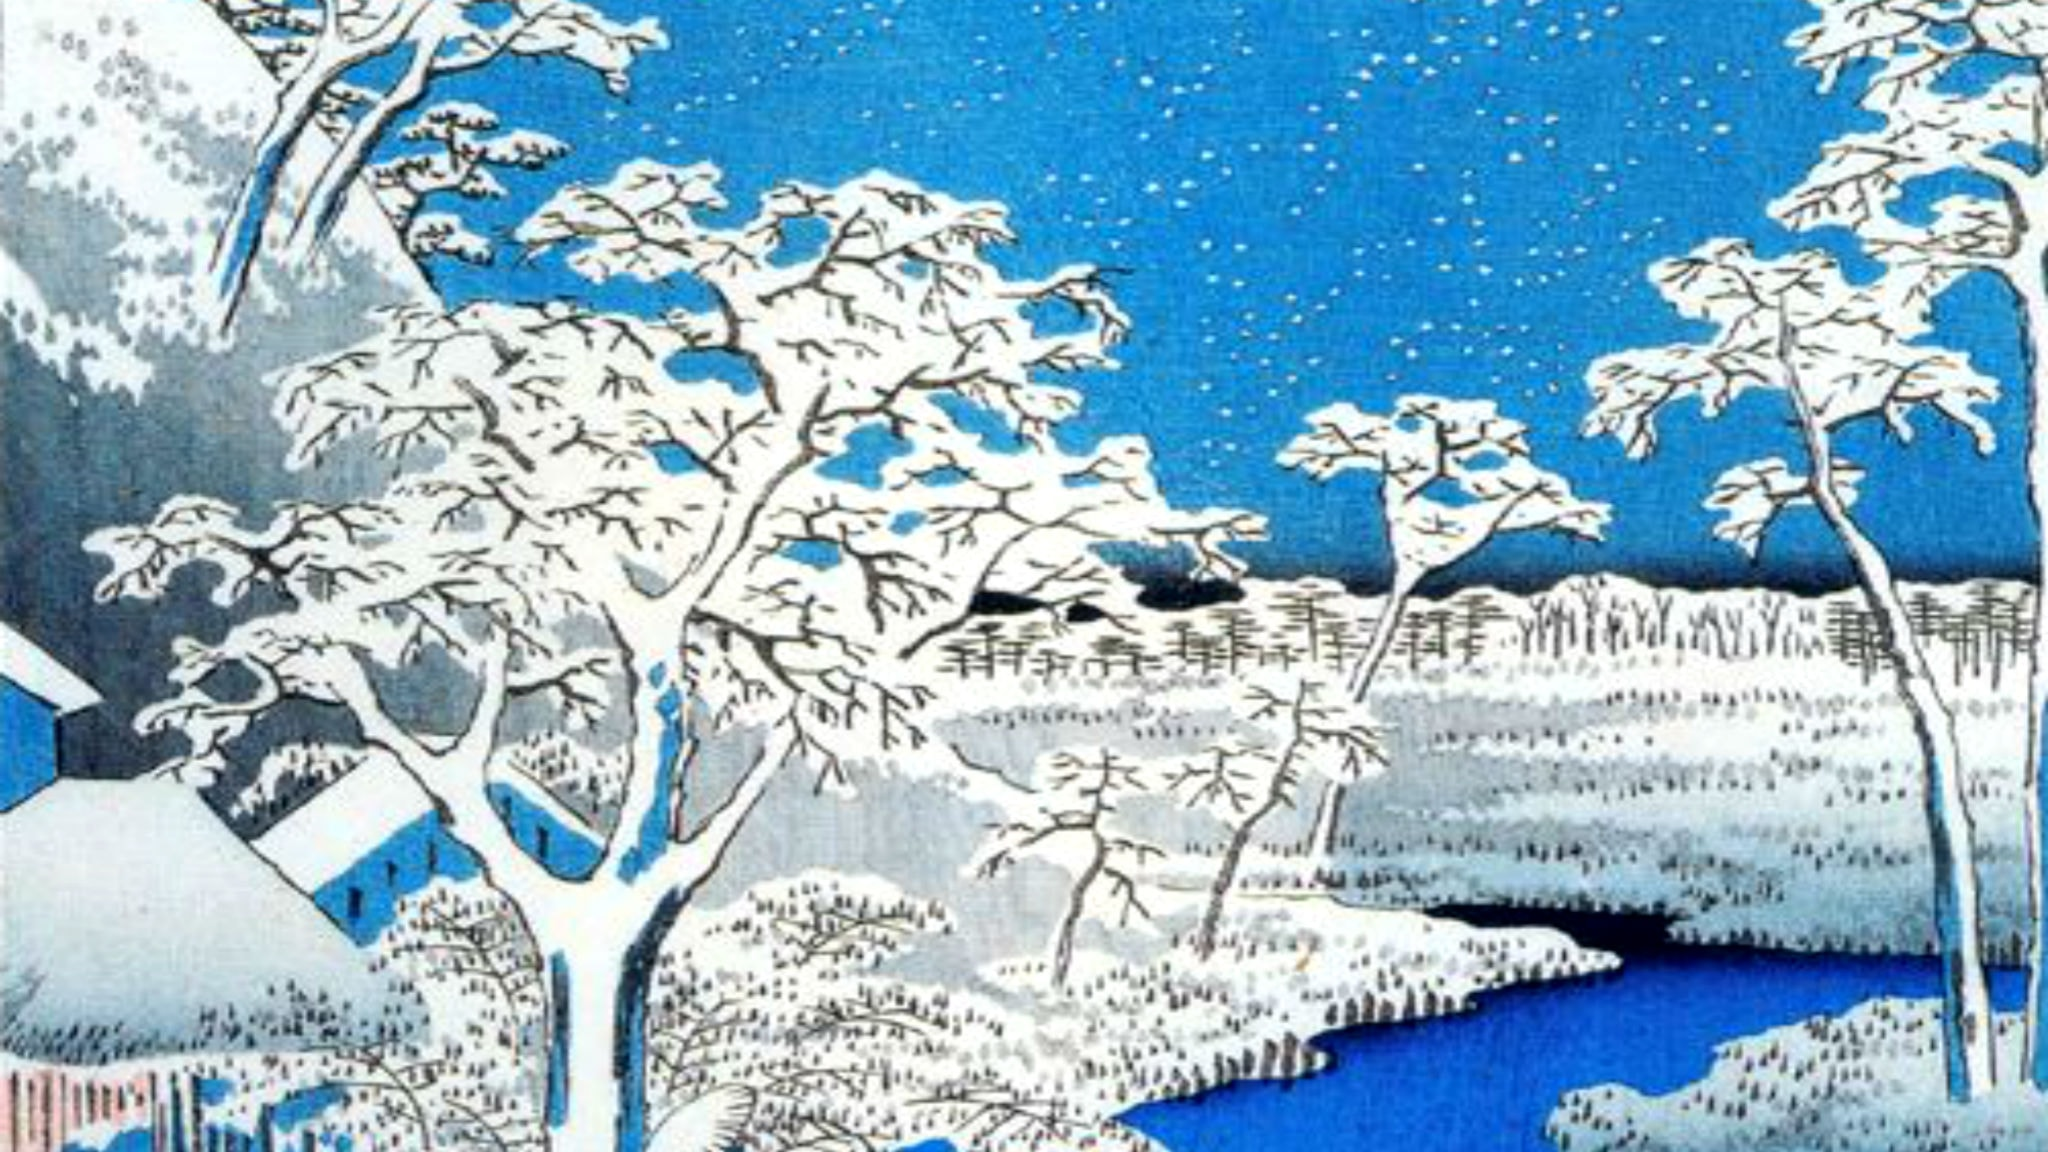 Vinterandar, Flyttfåglar, Mathis målaren och Från Holbergs tid